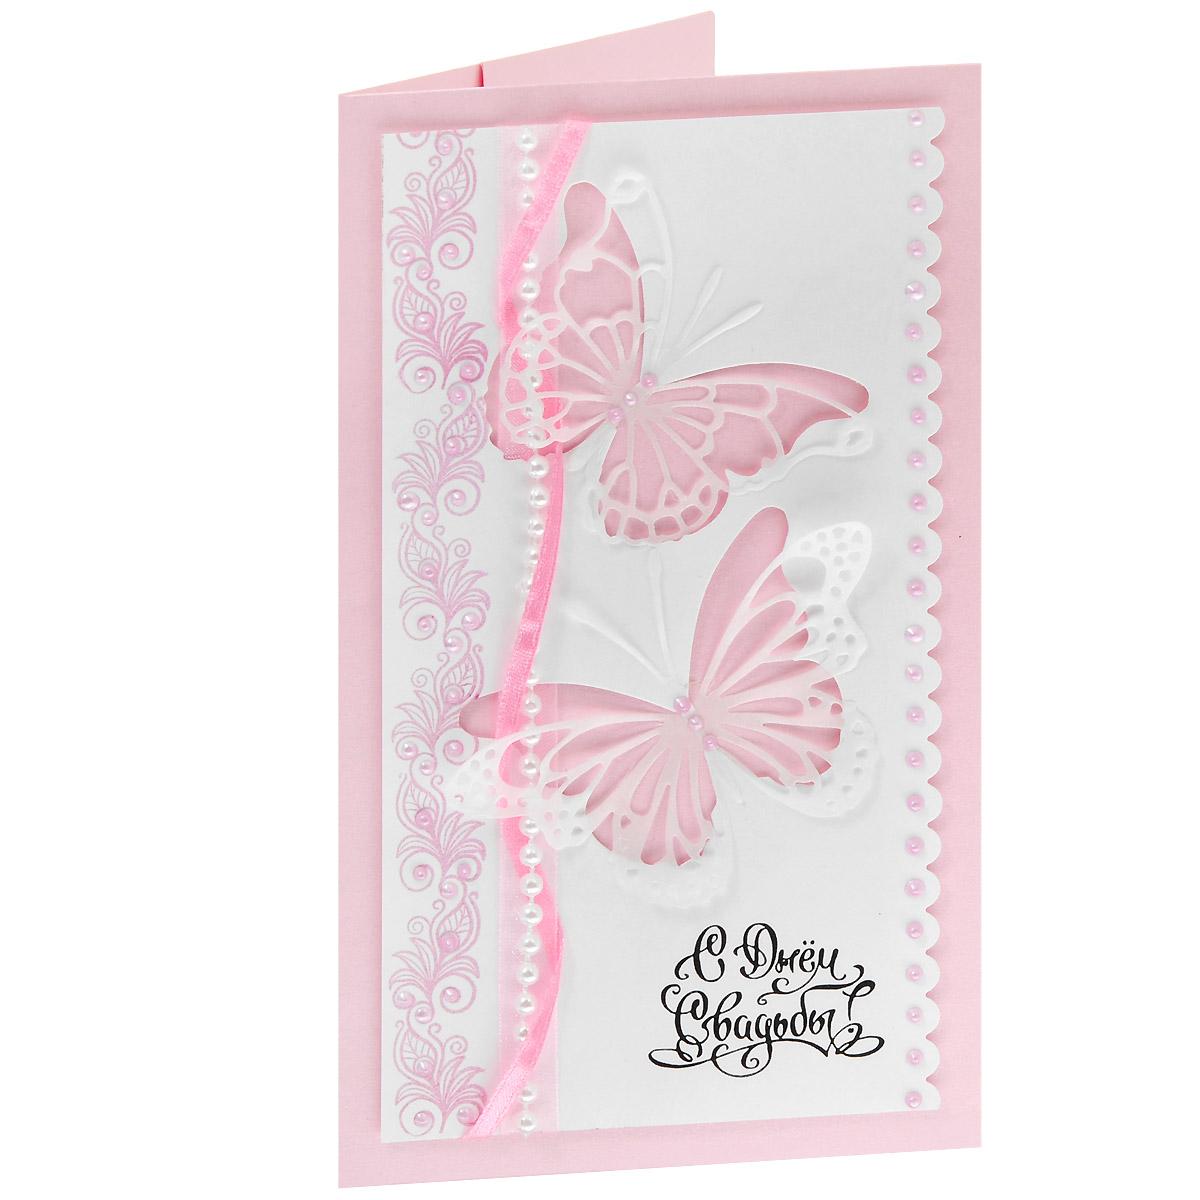 ОСВ-0003 Открытка-конверт «С Днём Свадьбы!» (порхающие бабочки, розовая). Студия «Тётя Роза»94984Характеристики: Размер 19 см x 11 см.Материал: Высоко-художественный картон, бумага, декор. Данная открытка может стать как прекрасным дополнением к вашему подарку, так и самостоятельным подарком. Так как открытка является и конвертом, в который вы можете вложить ваш денежный подарок или просто написать ваши пожелания на вкладыше. Почти невесомые ажурные бабочки вырезаны из полупрозрачной бумаги. Узор из вензелей украшает левый край лицевой части. Его дублируют переплетающиеся между собой атласные и капроновые ленты. Изобилие жемчуга обогащает общую композицию.Также открытка упакована в пакетик для сохранности.Обращаем Ваше внимание на то, что открытка может незначительно отличаться от представленной на фото.Открытки ручной работы от студии Тётя Роза отличаются своим неповторимым и ярким стилем. Каждая уникальна и выполнена вручную мастерами студии. (Открытка для мужчин, открытка для женщины, открытка на день рождения, открытка с днем свадьбы, открытка винтаж, открытка с юбилеем, открытка на все случаи, скрапбукинг)